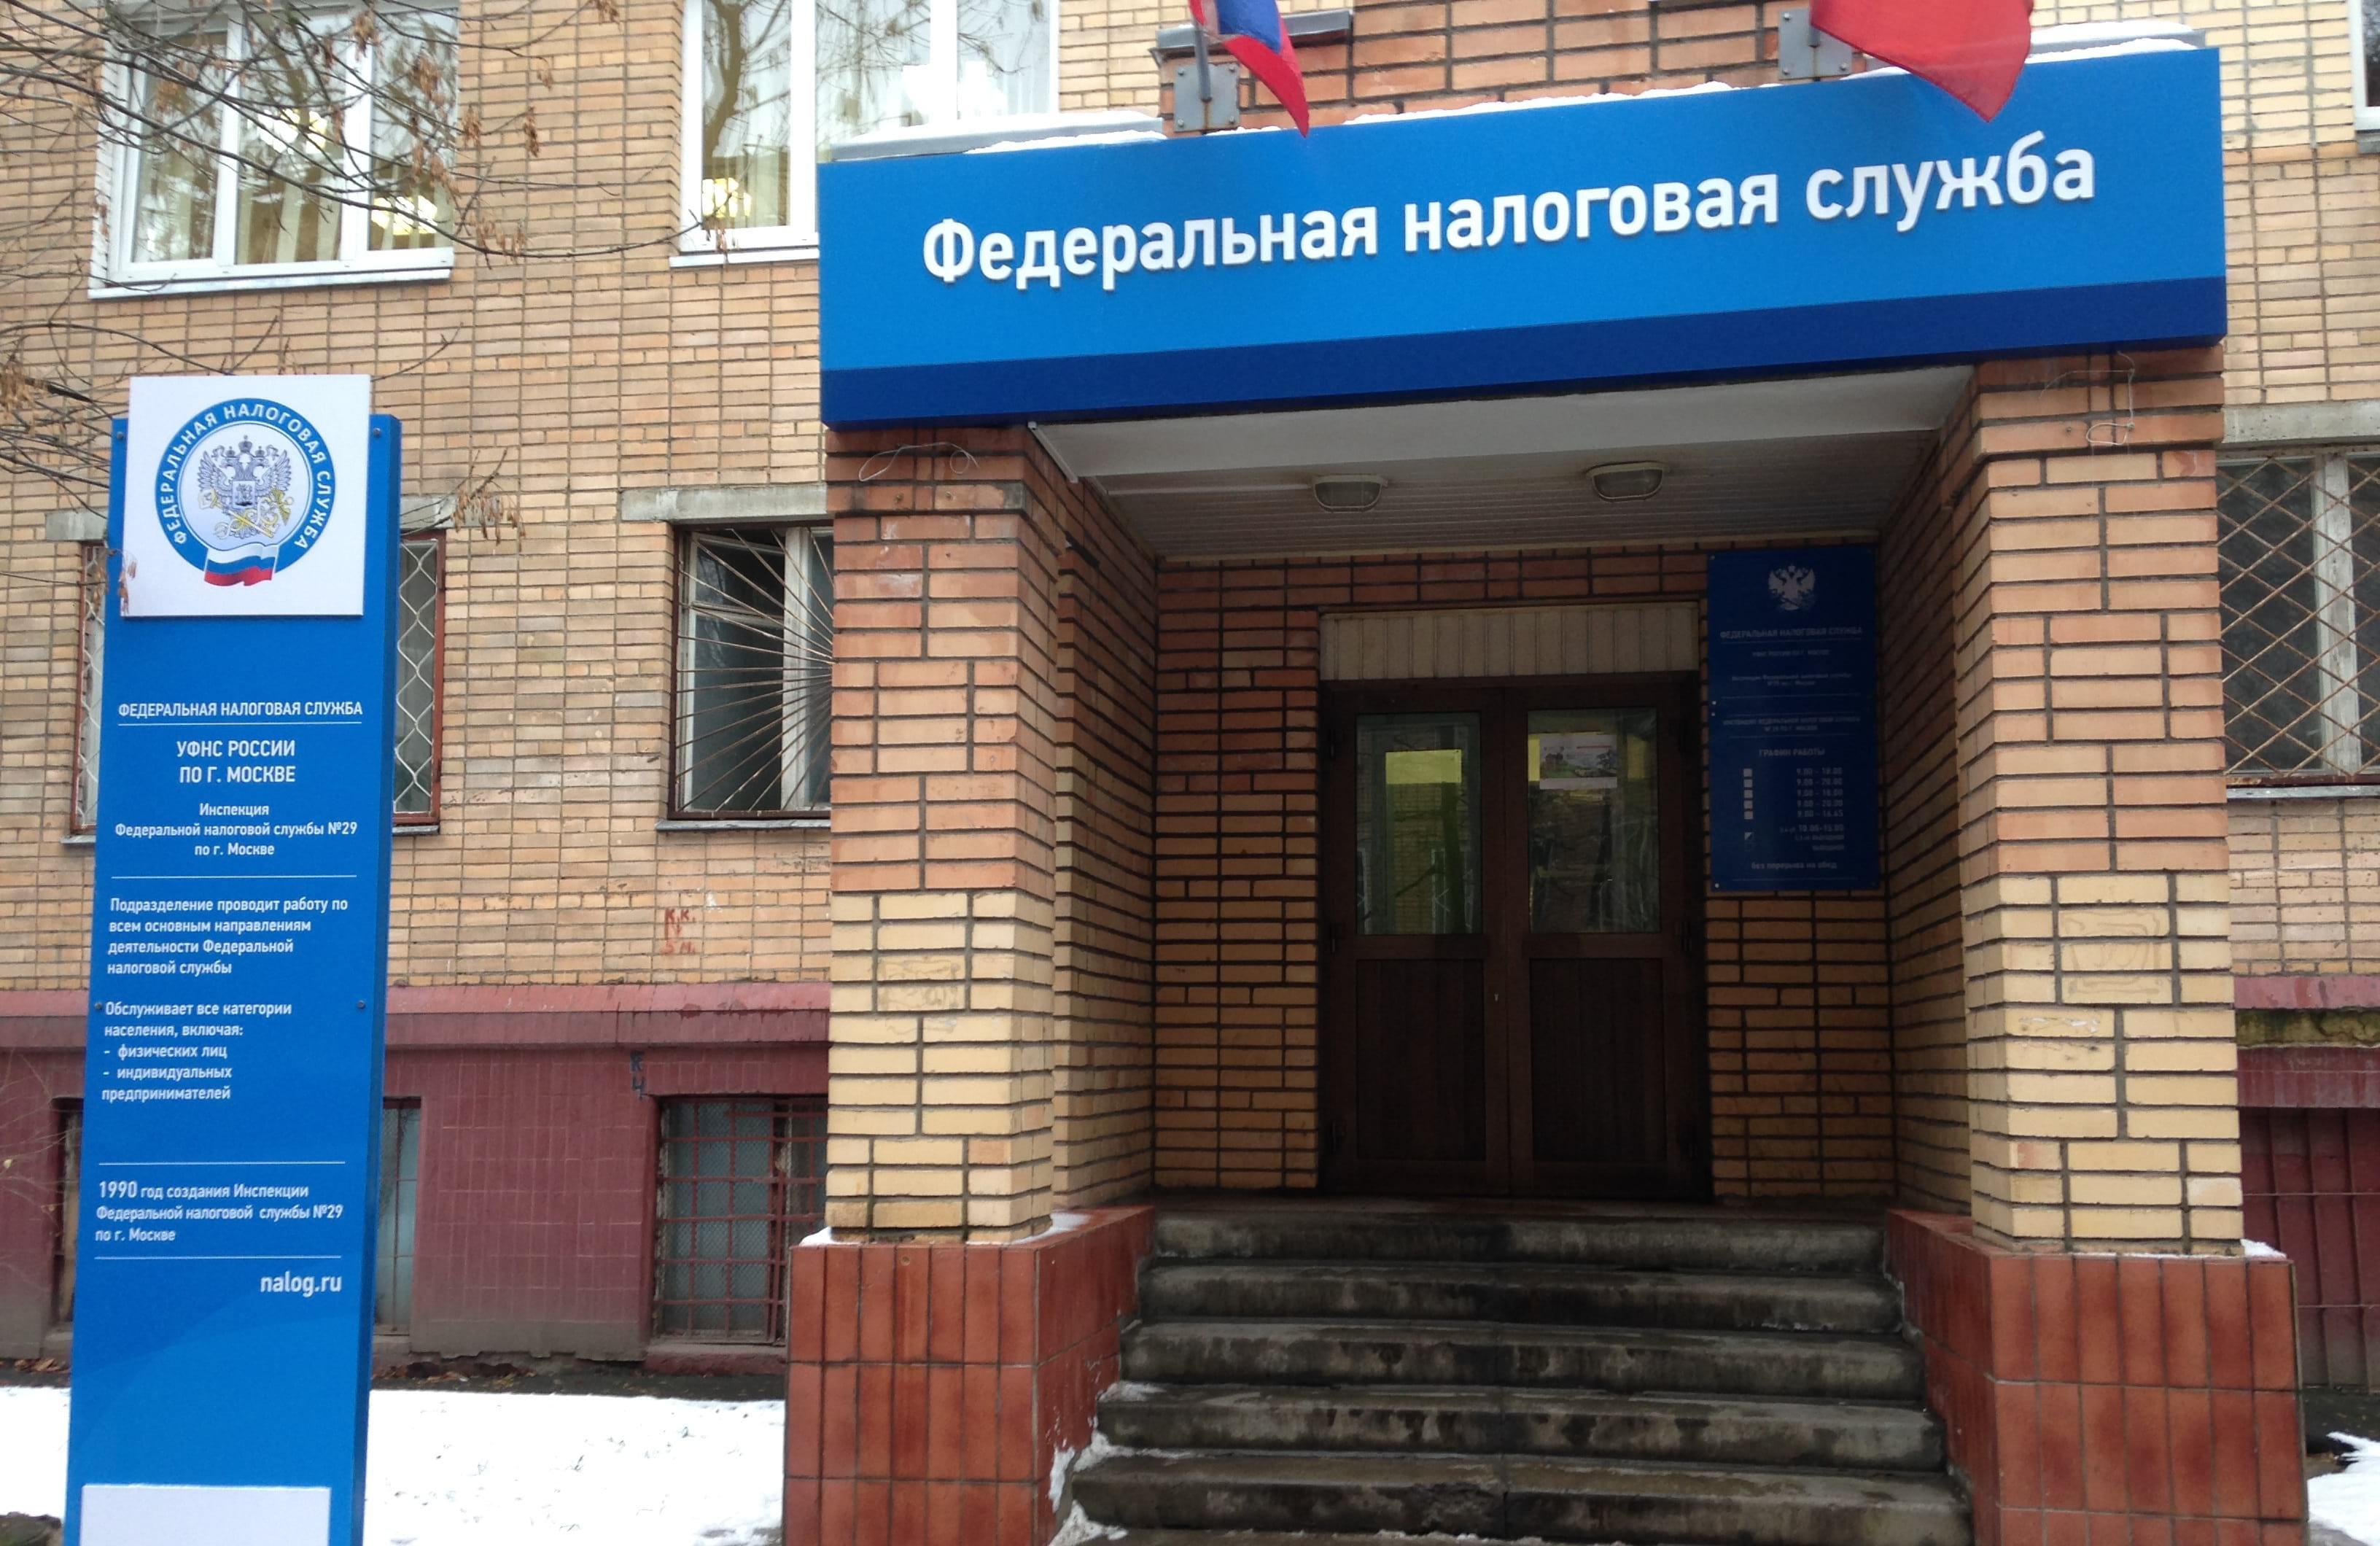 Изображение - Как законно не платить налог на недвижимость wsi-imageoptim-7729_vkhodnaya20gruppa